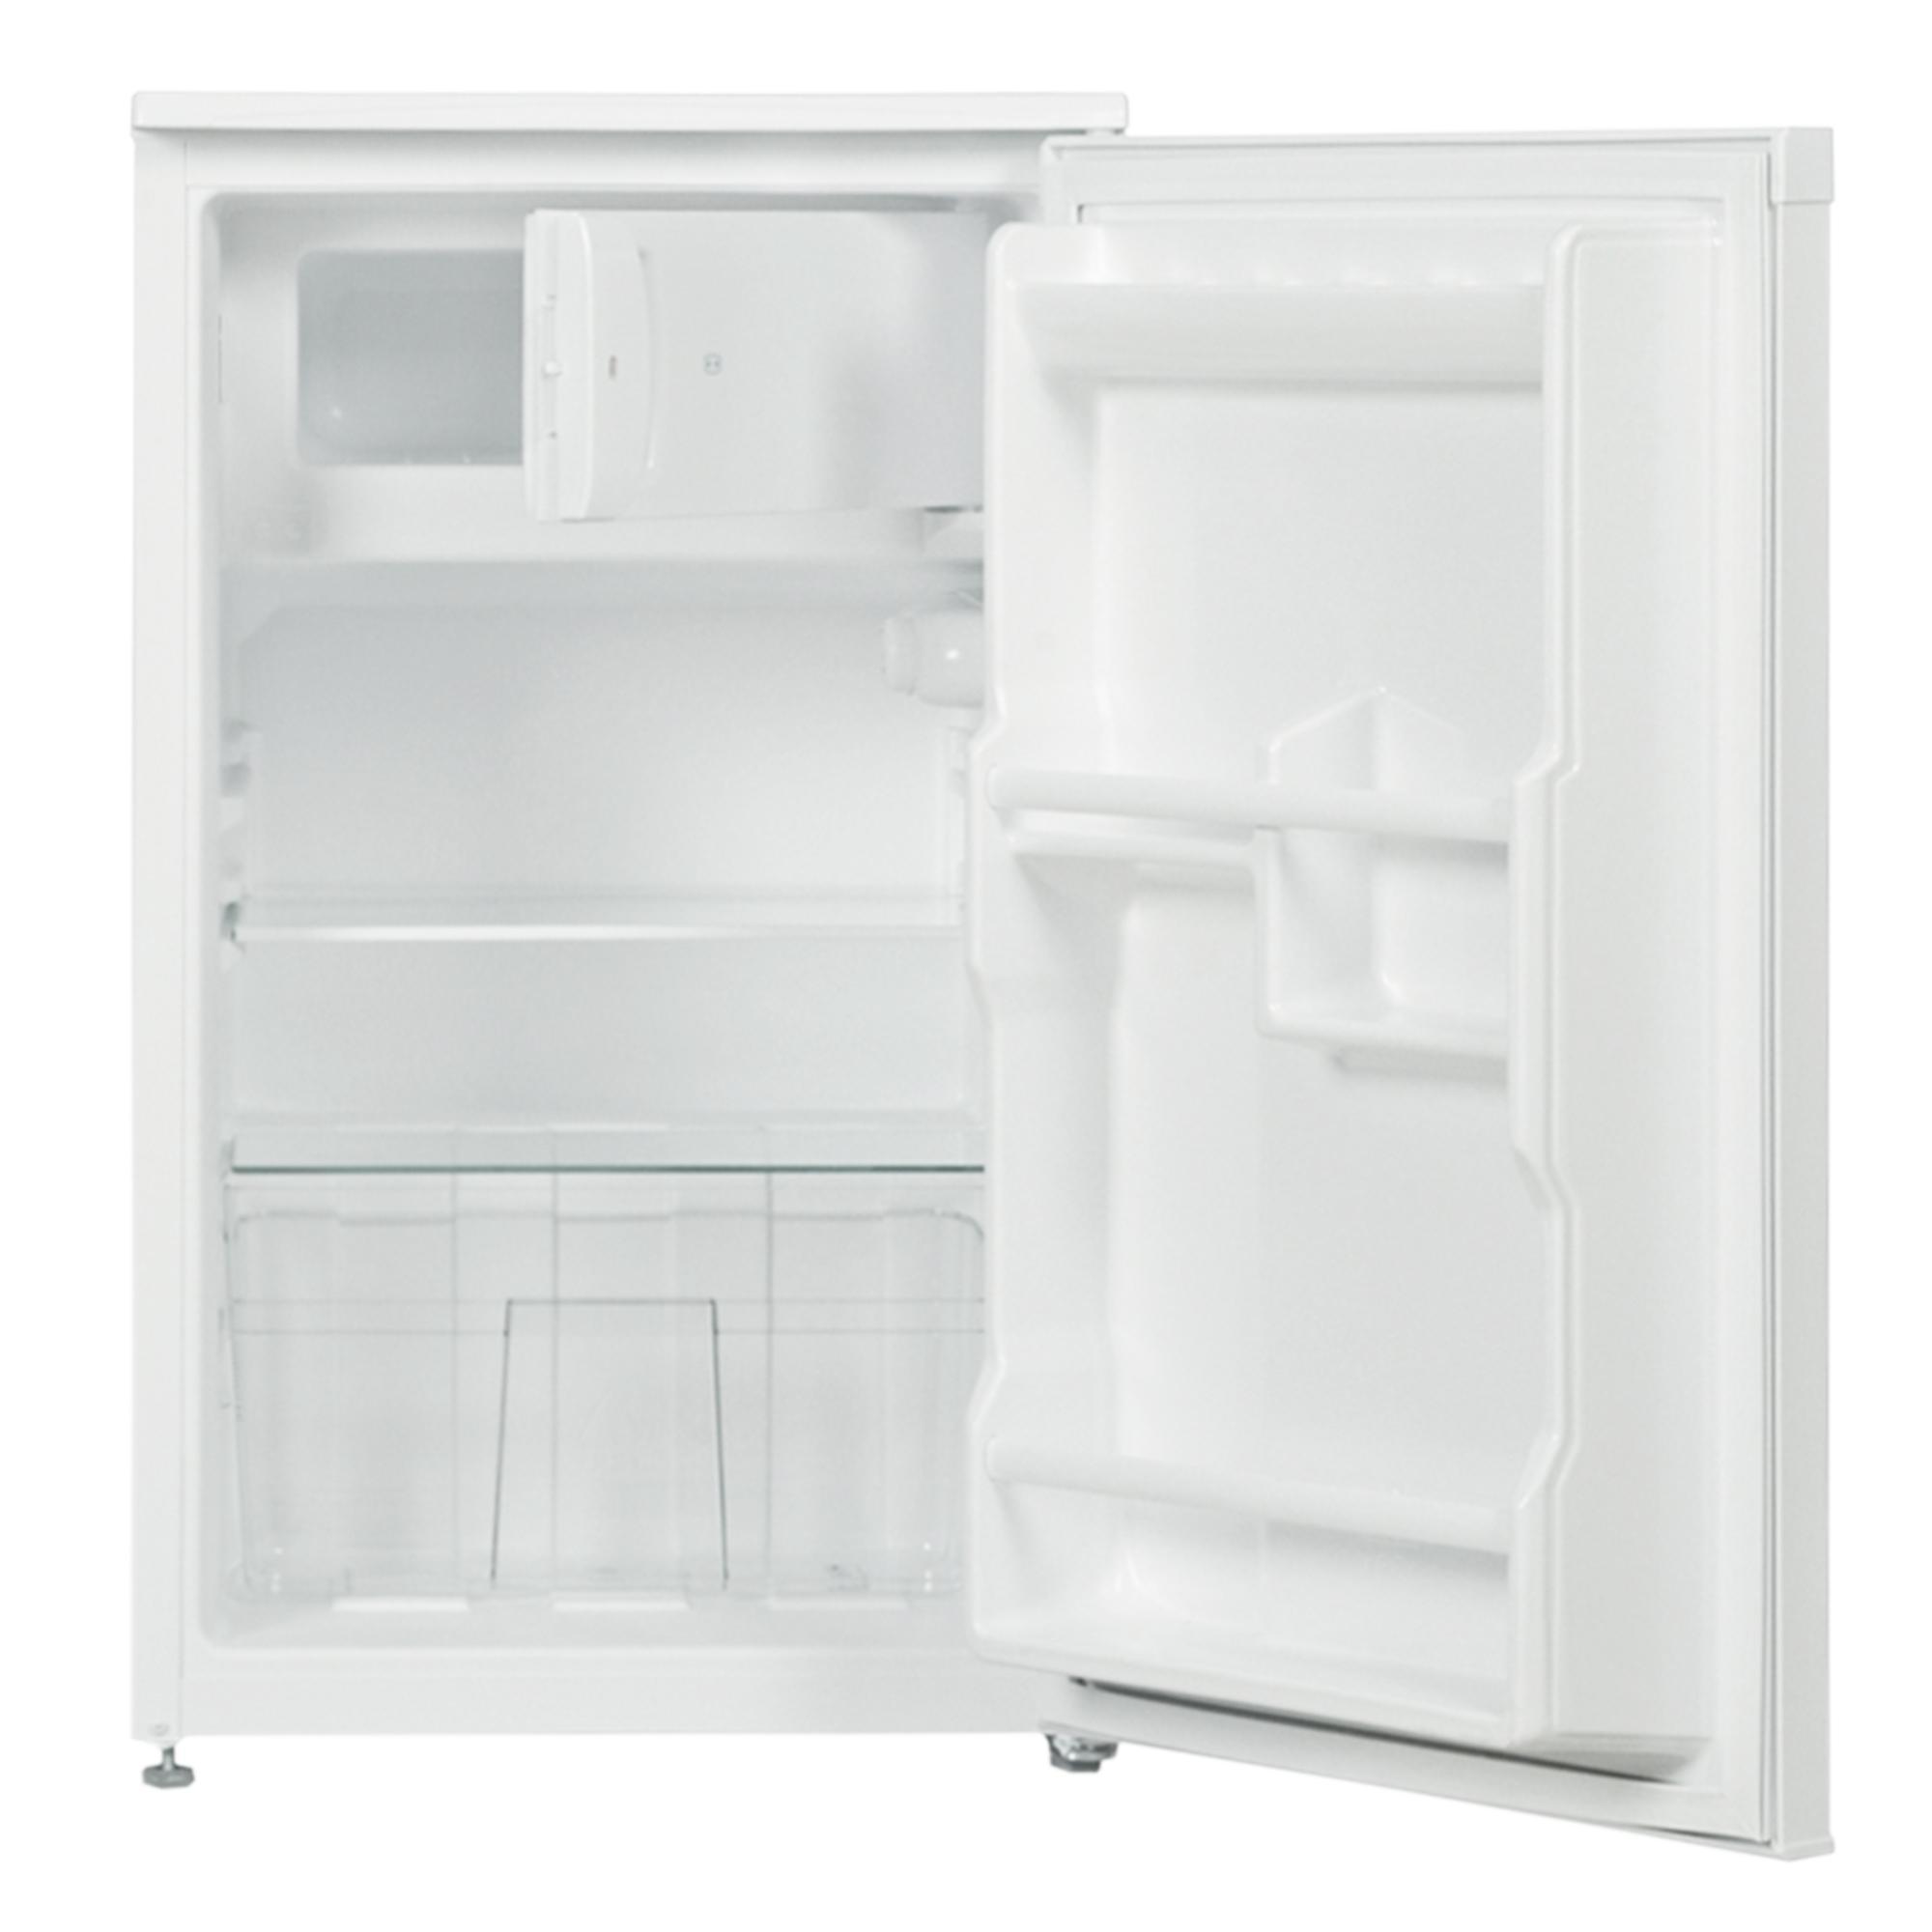 telefunken cf 32 150 w k hlschrank a 83 8 cm 62kwh 73 l k hlteil gefrierfach. Black Bedroom Furniture Sets. Home Design Ideas